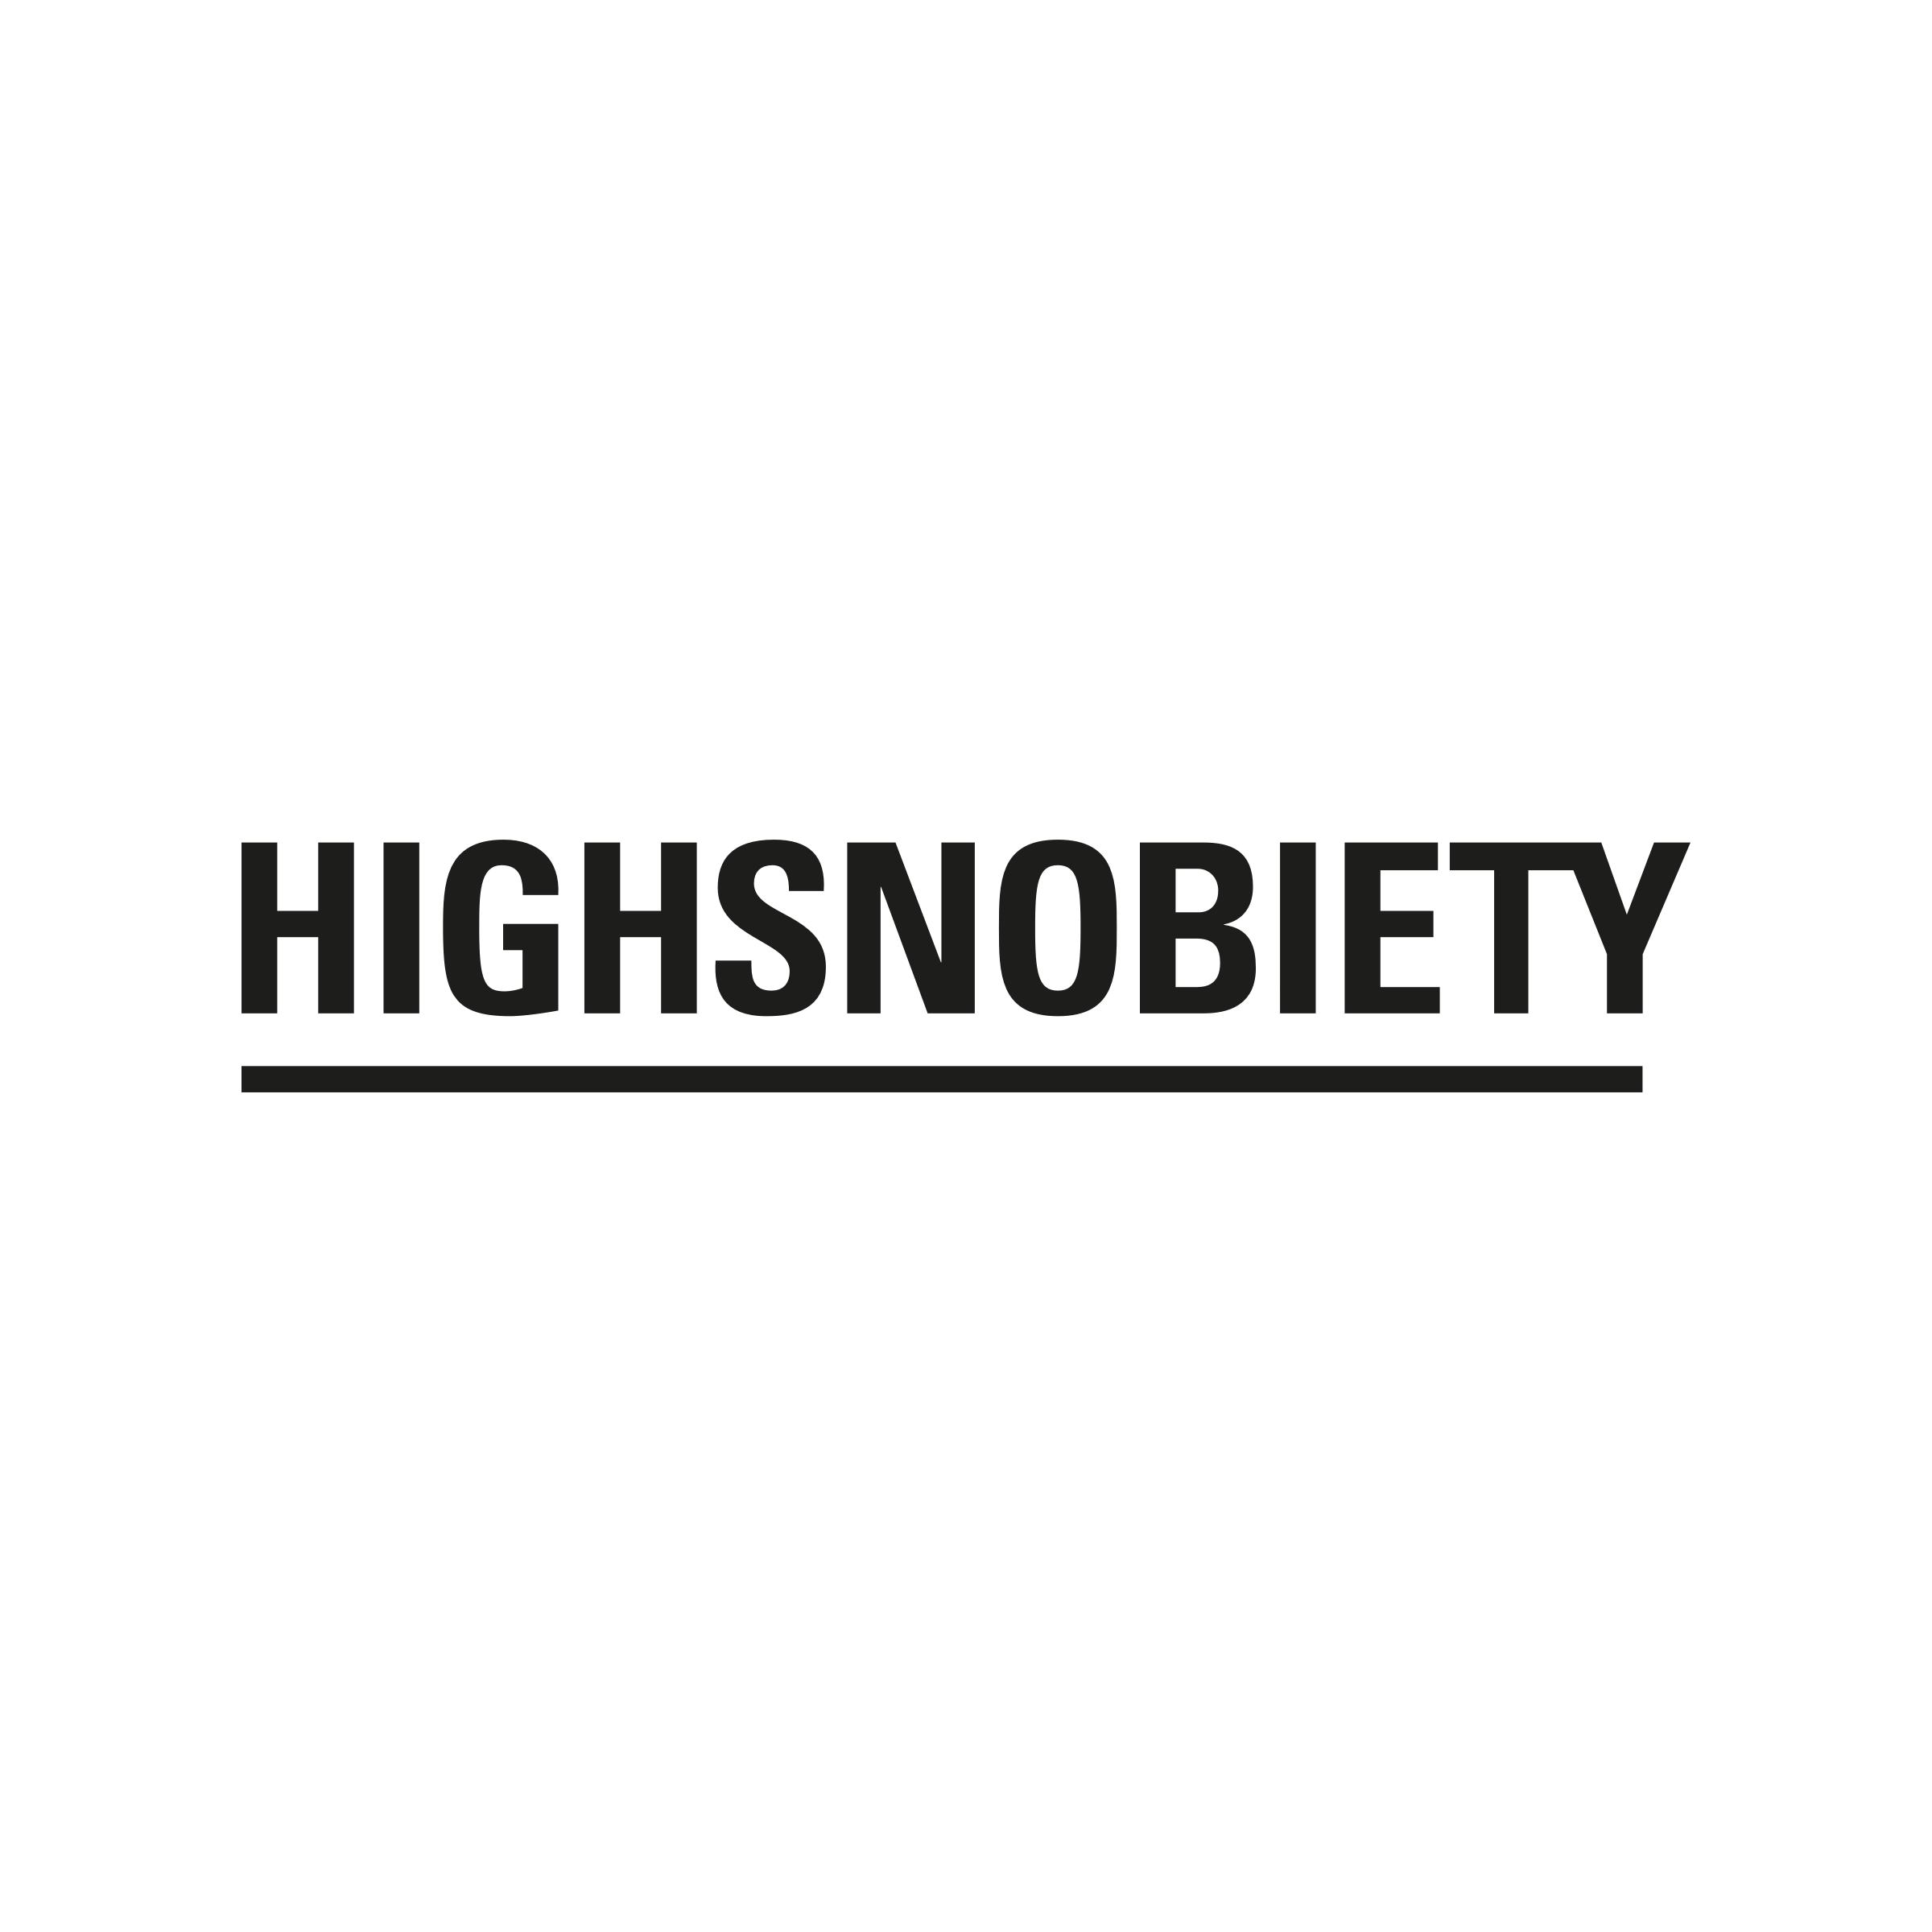 Highsnobiety_Logotype-800x800.png